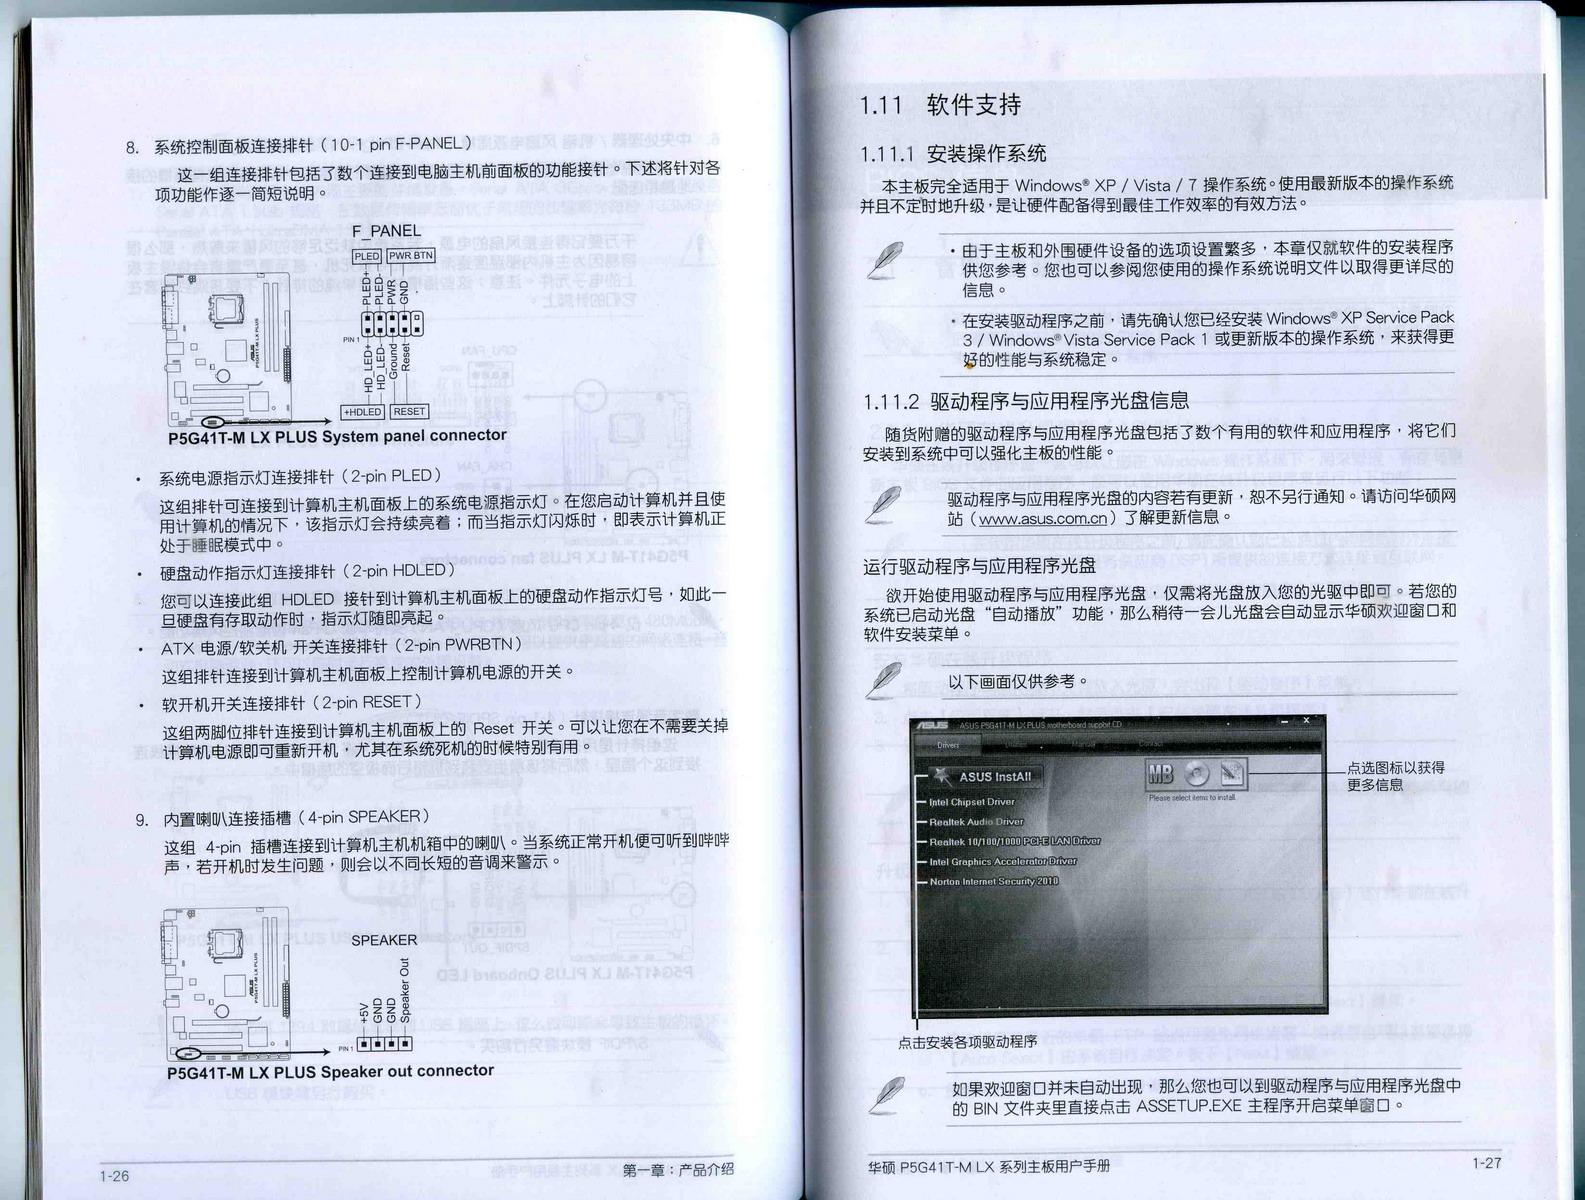 正巧 我有这款主板 华硕P5G41T MLX PLUS主板图片